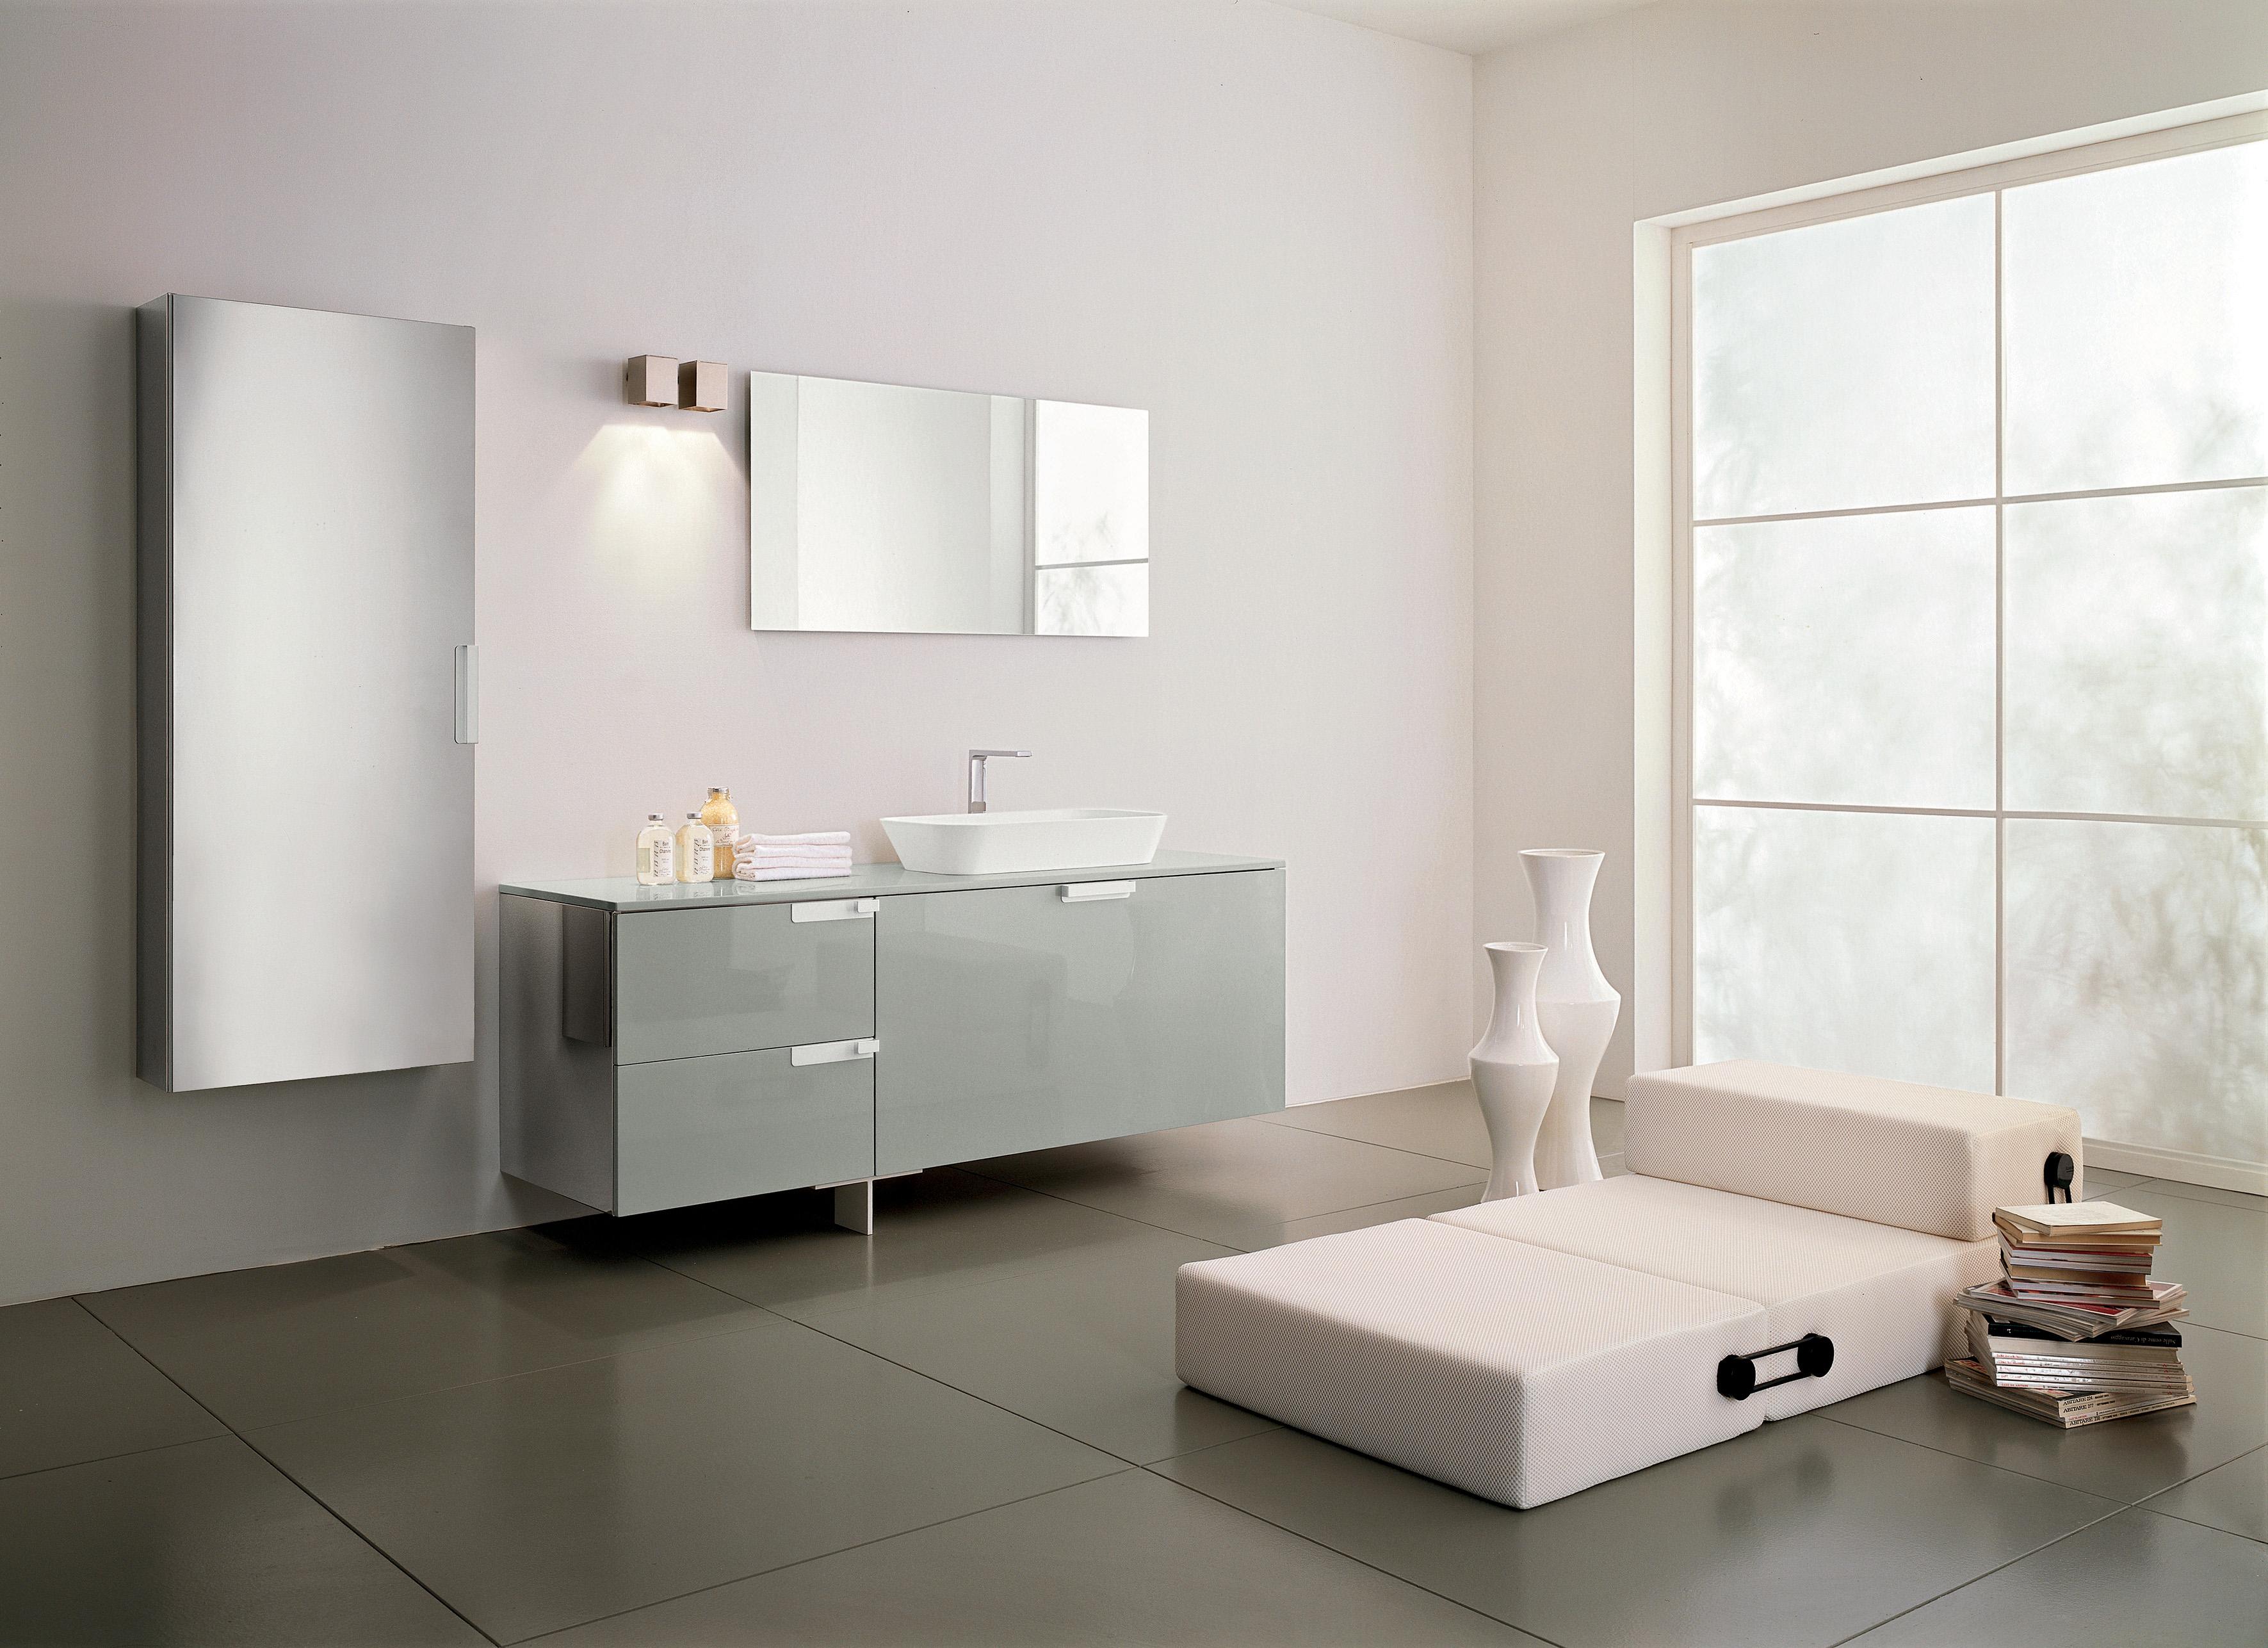 Mobile Bagno Grigio Lucido: Mobile bagno avril cm. Mobile per il bagno grigio lucido con ...